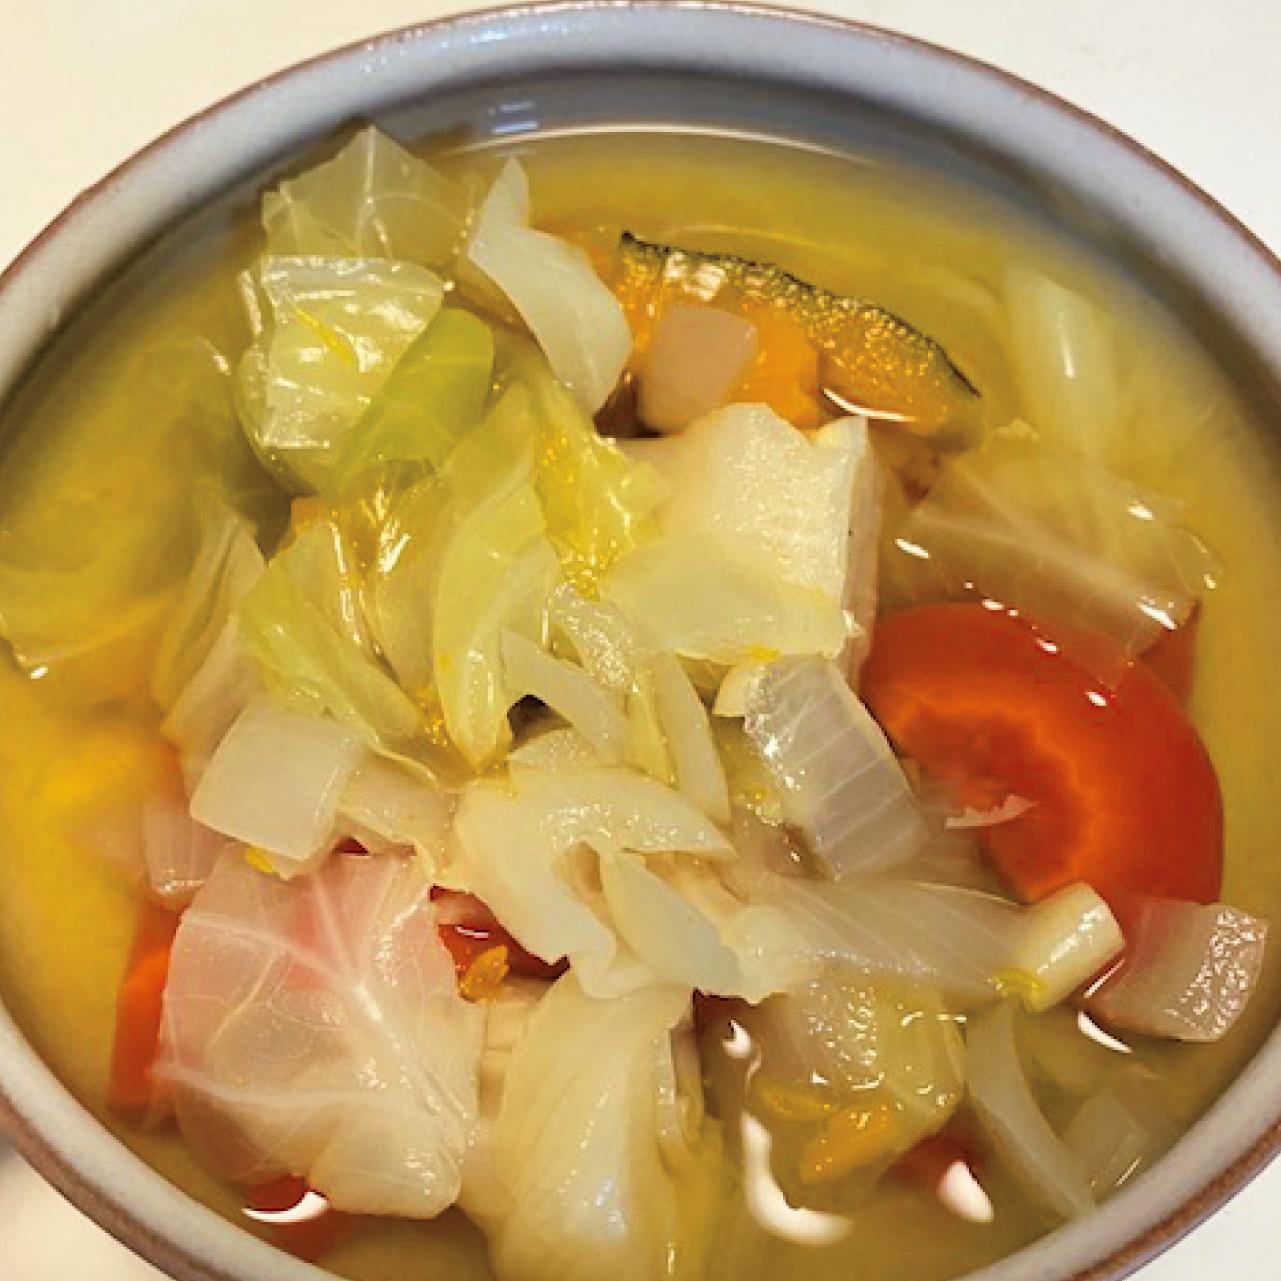 そのときにある野菜の皮や野菜くずを放り込み、味つけしないでコトコト煮込むベジブロス